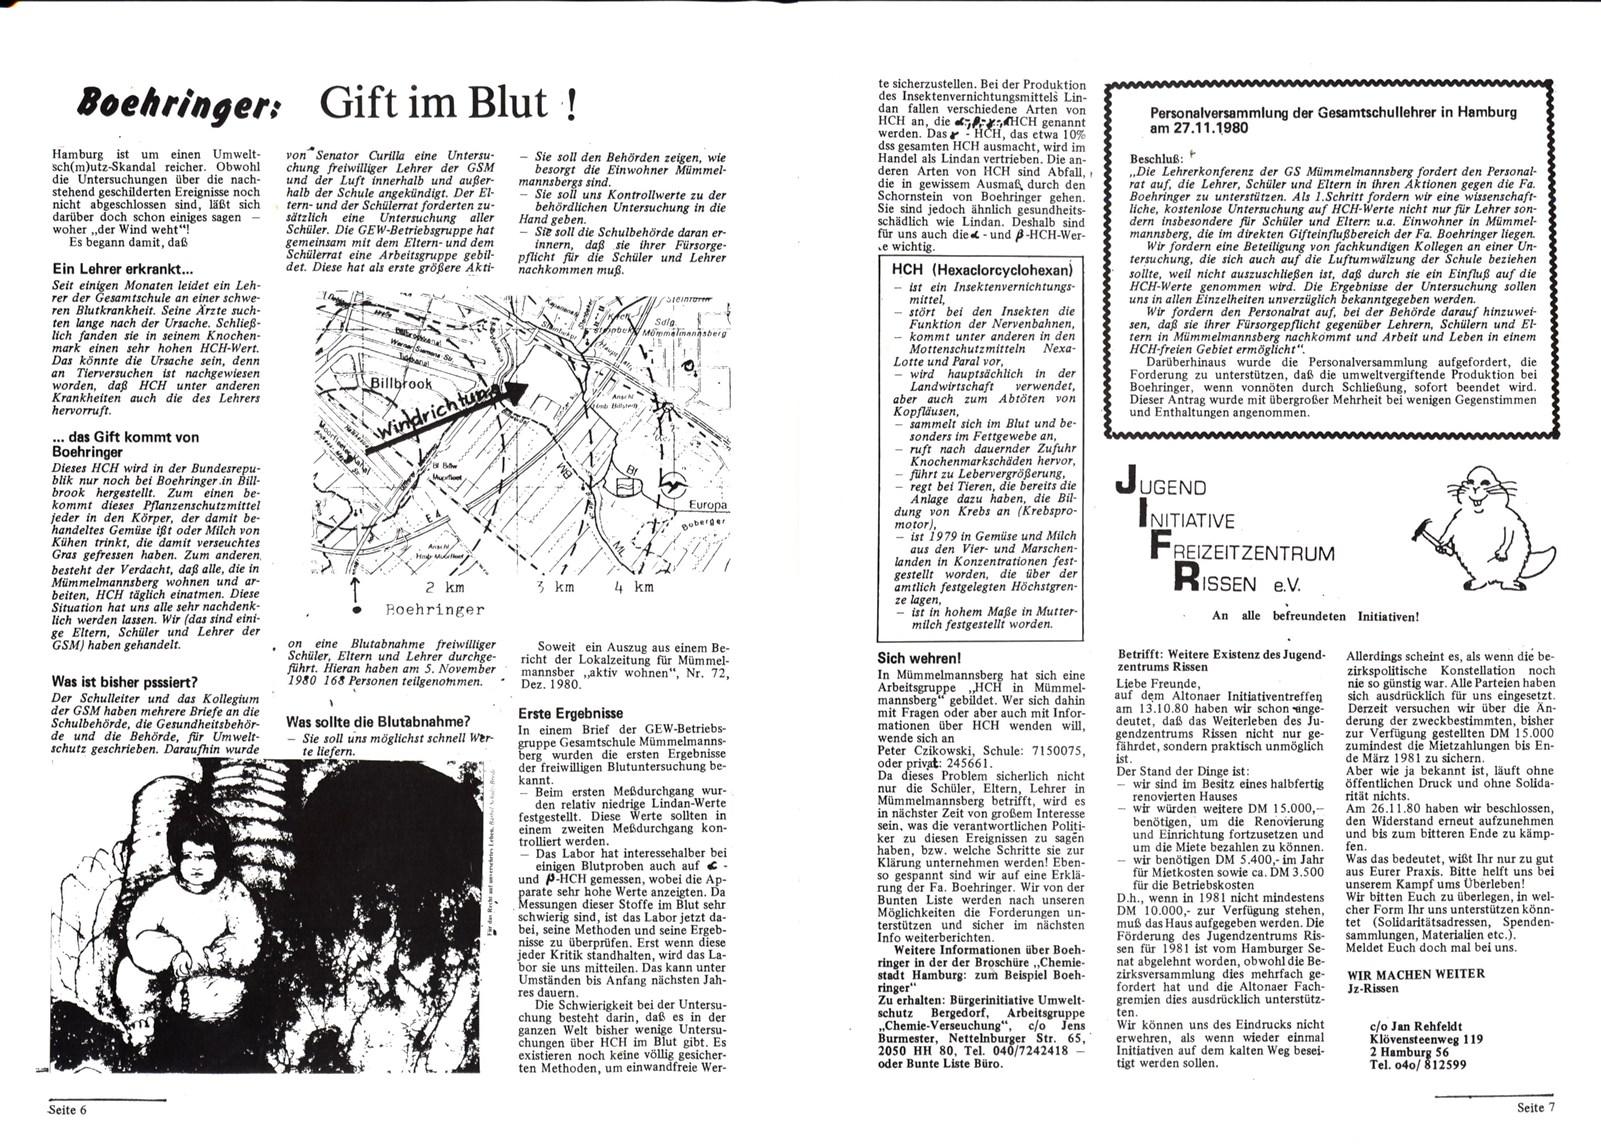 Hamburg_BuLi_Info_19810100_04